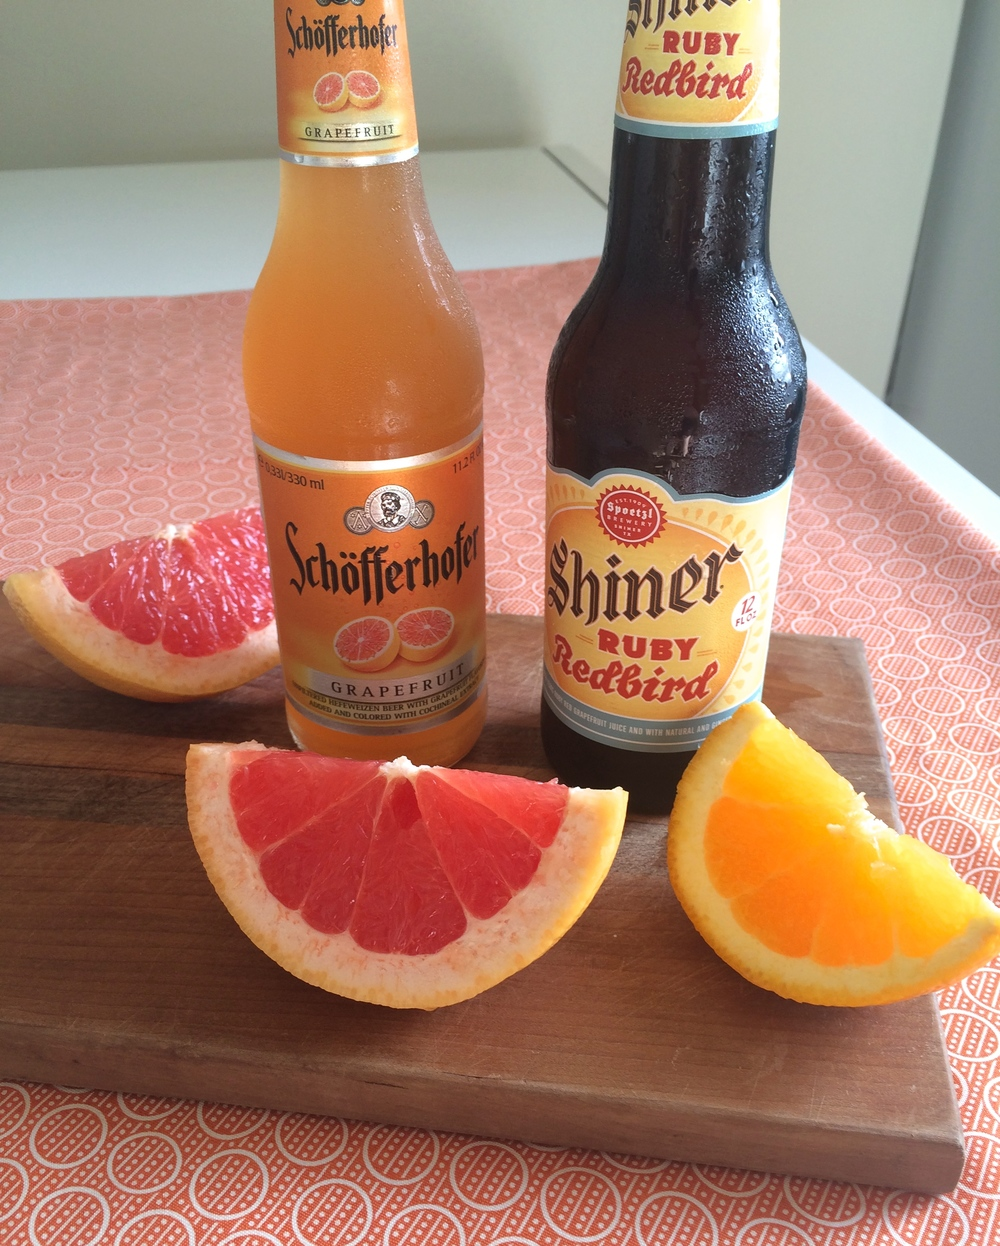 Grapefruit beers